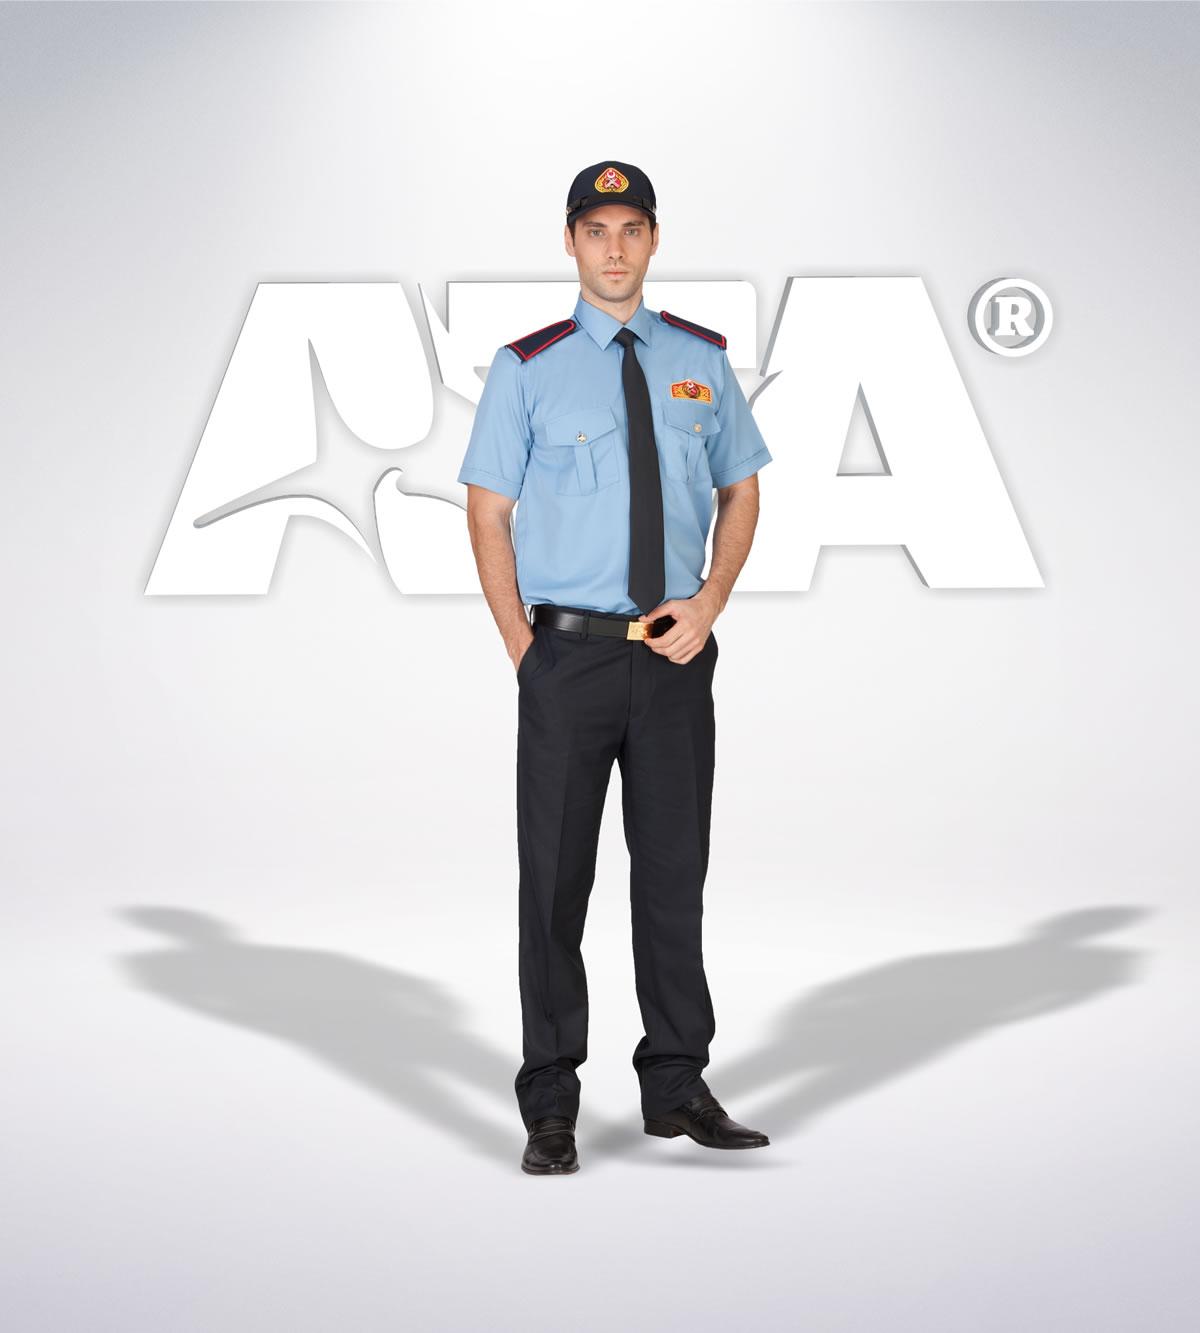 ATA 306 - Pantolon yazlık - gömlek yazlık kışlık - aksesuar - itfaiye elbiseleri | itfaiye üniformaları | itfaiye kıyafetleri